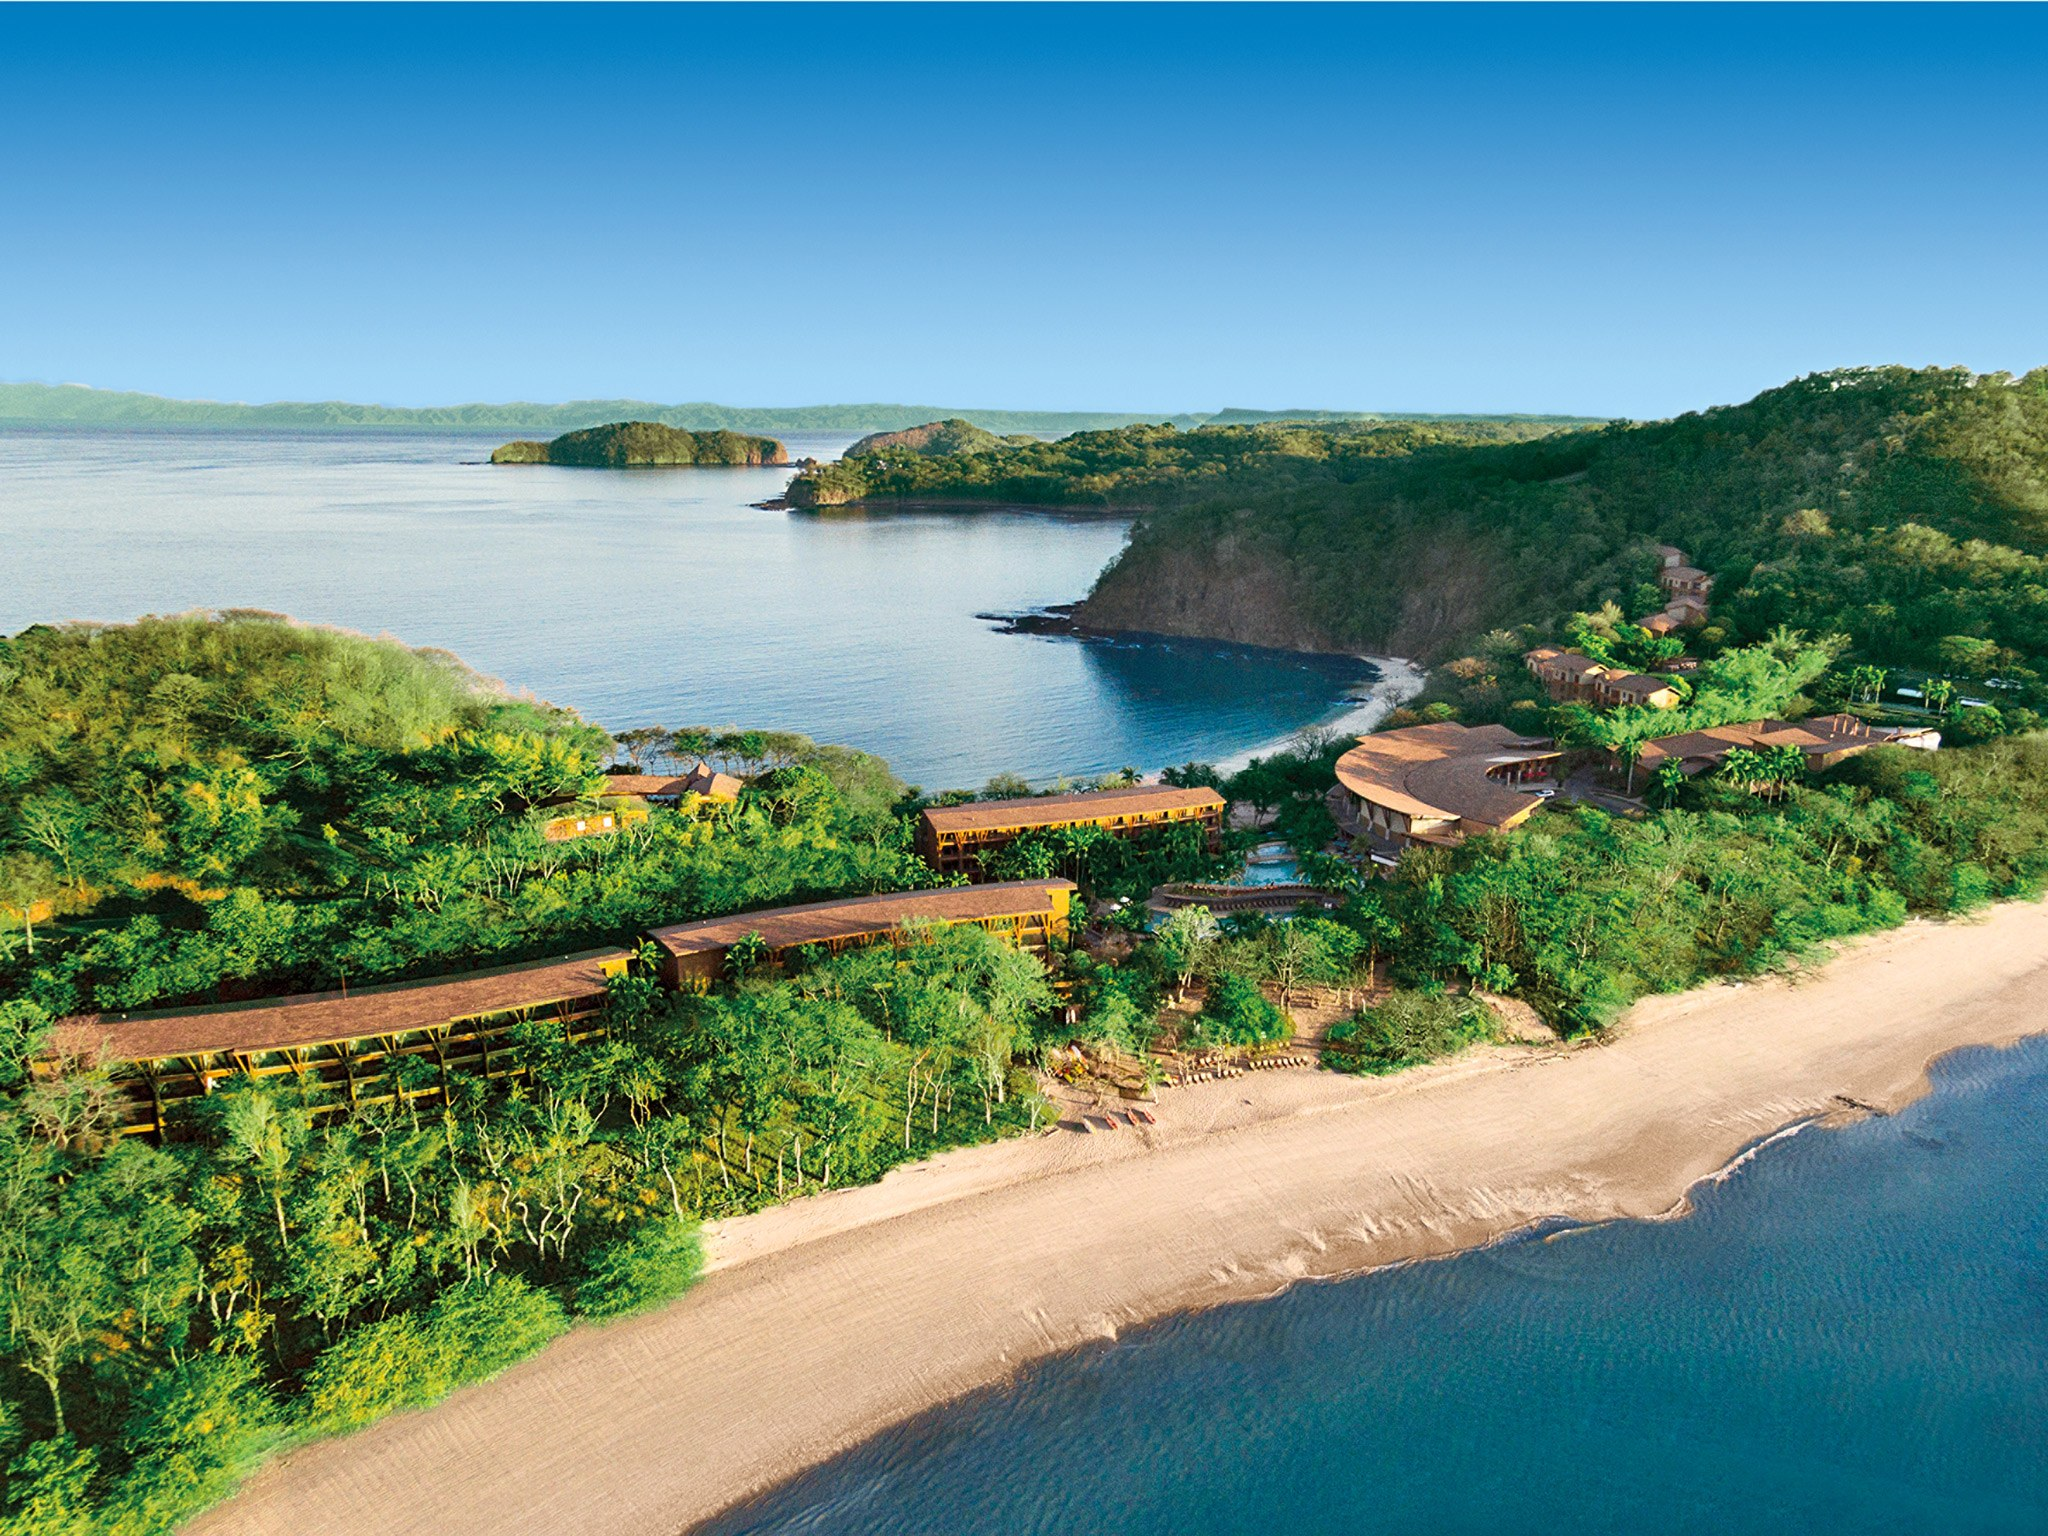 Programa Viajeros, Localia Vigo dedicado a Costa Rica